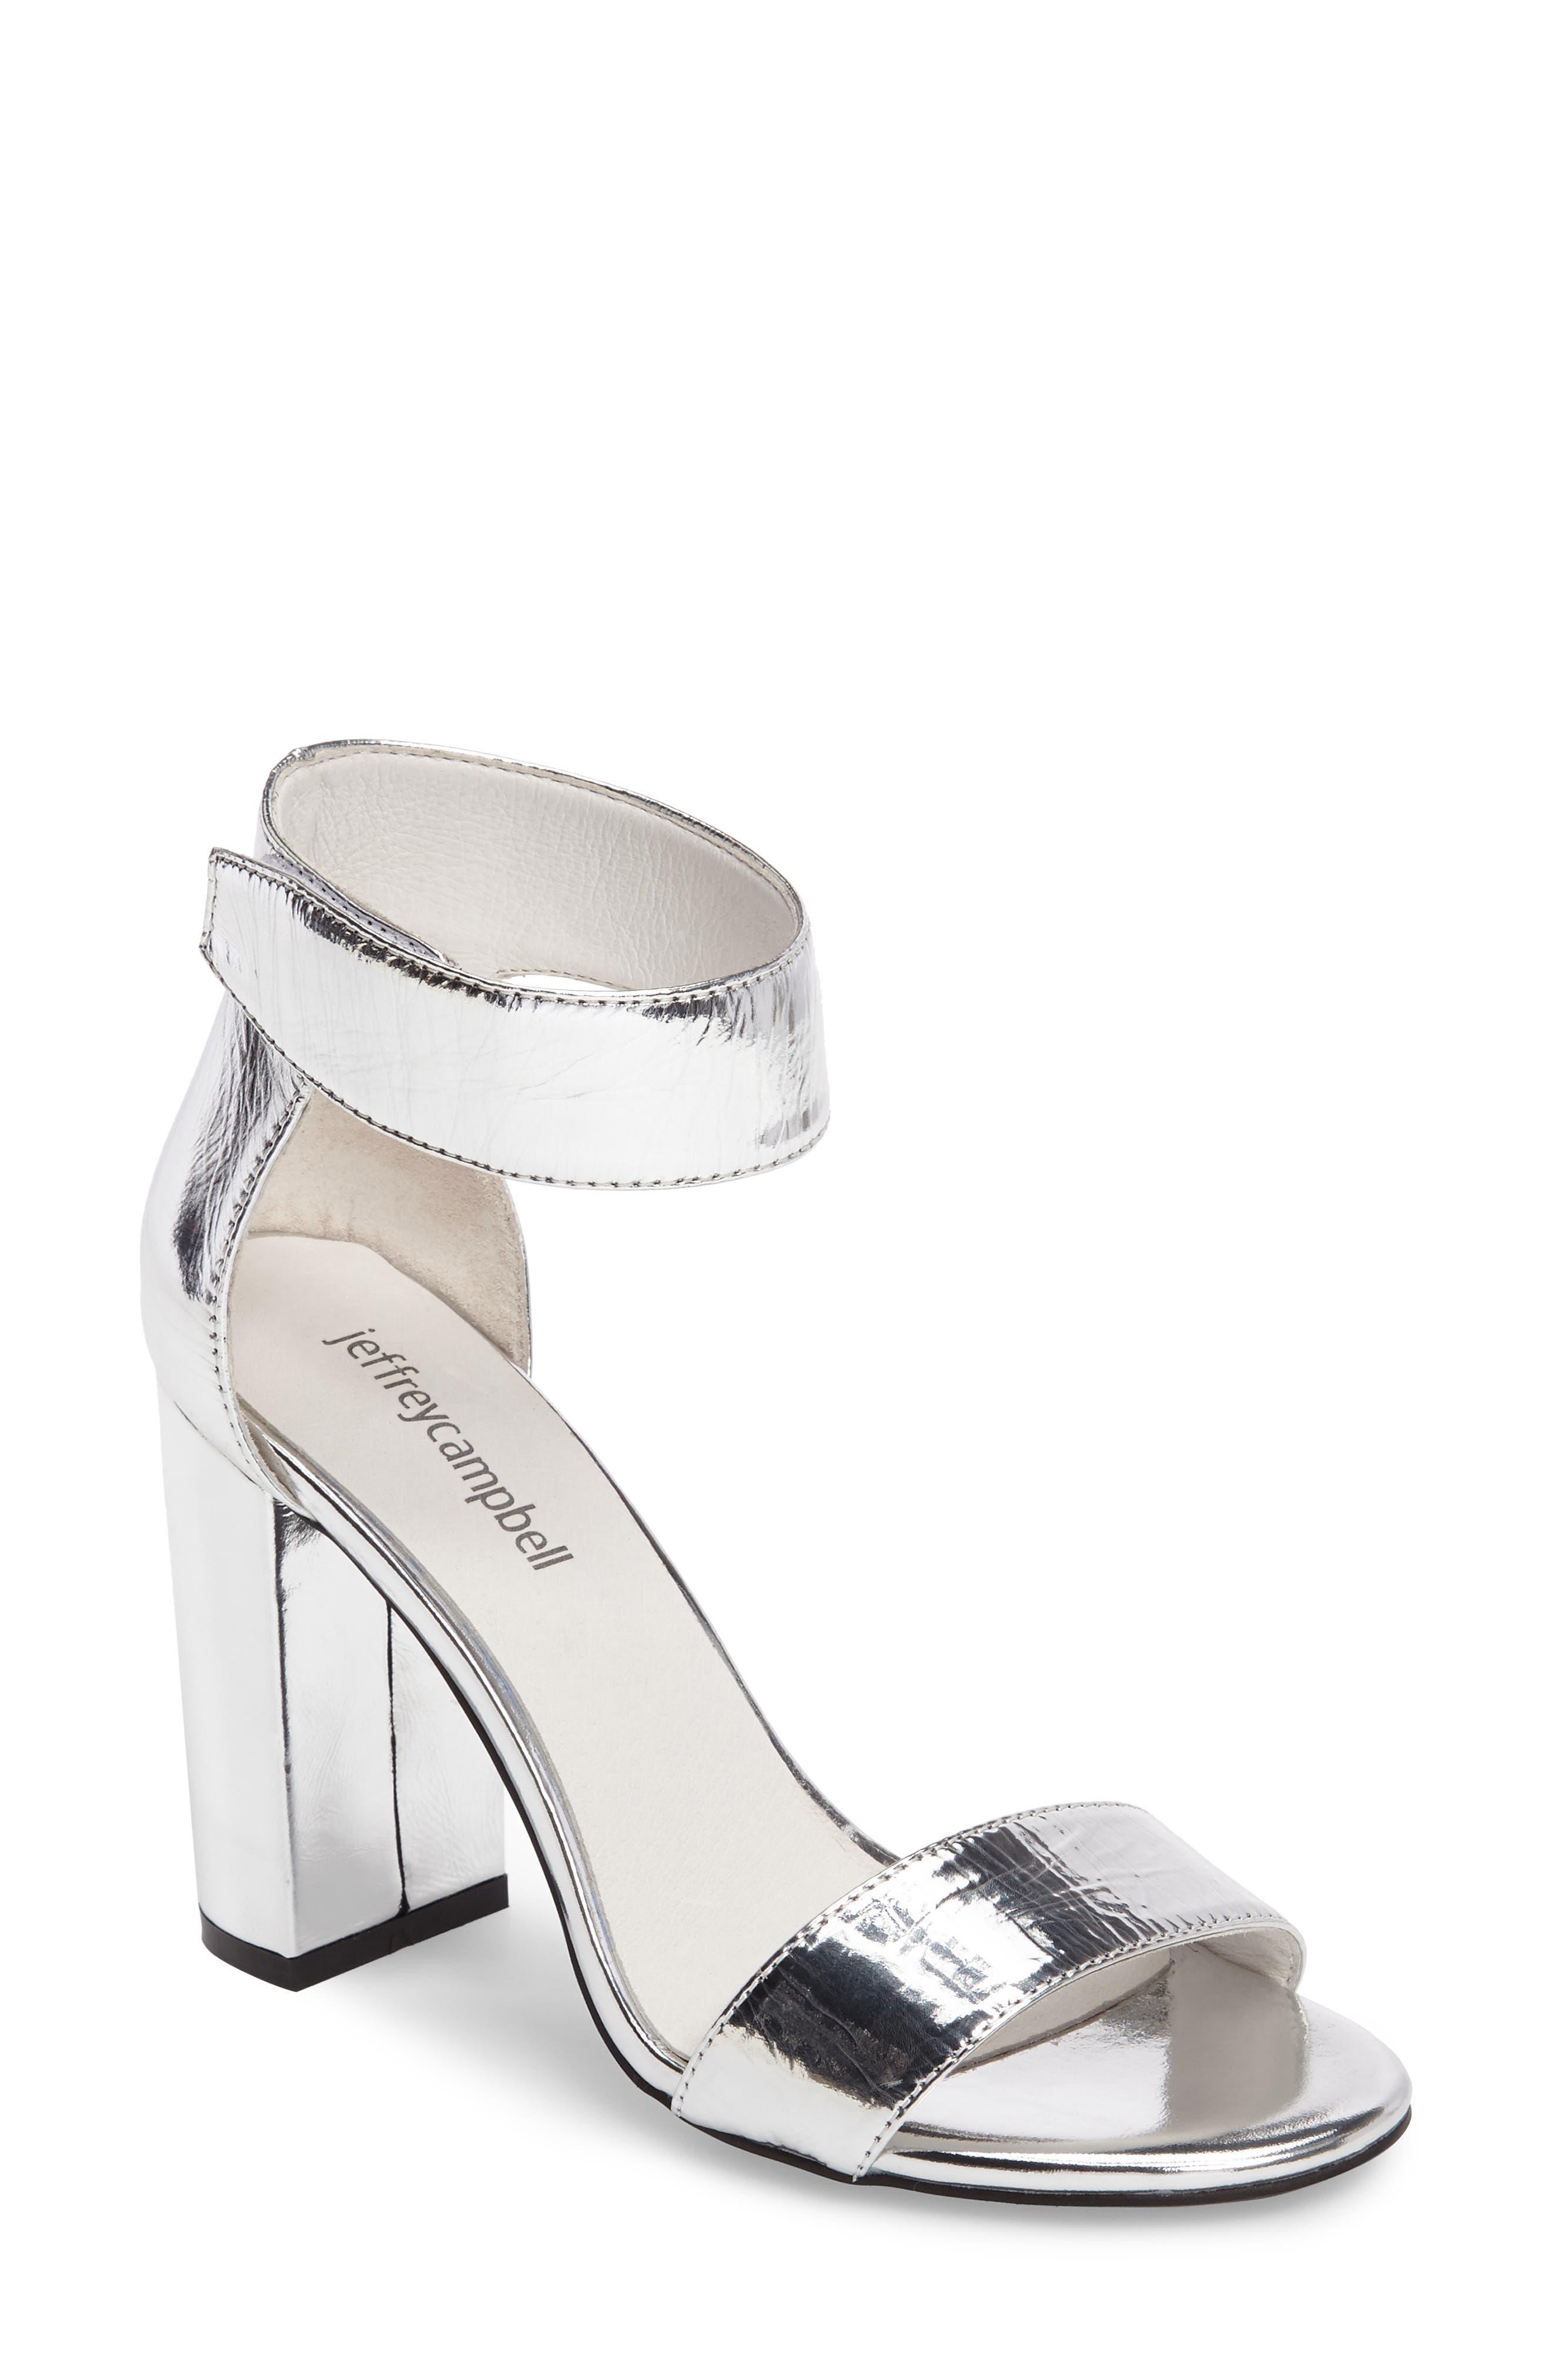 'Lindsay' Ankle Strap Sandal,                         Main,                         color, Silver